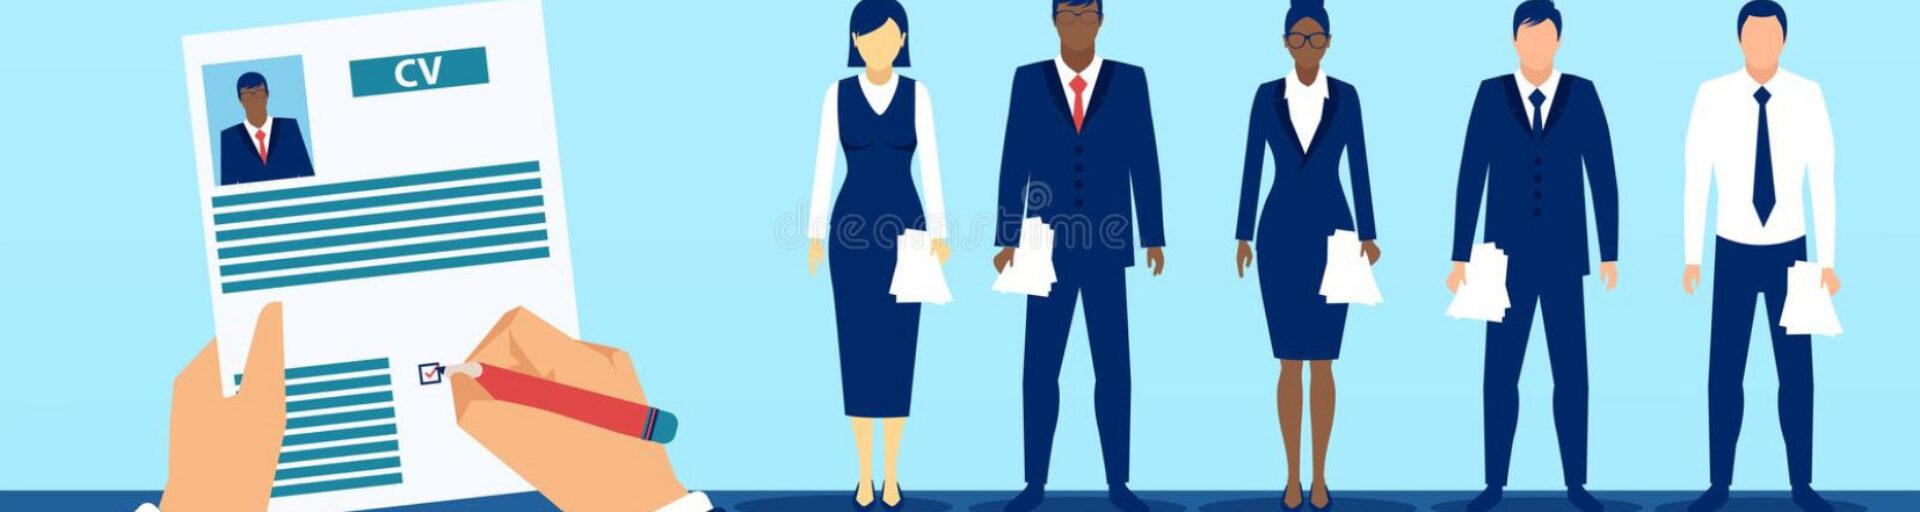 bannière rubrique emploi CV et personnages